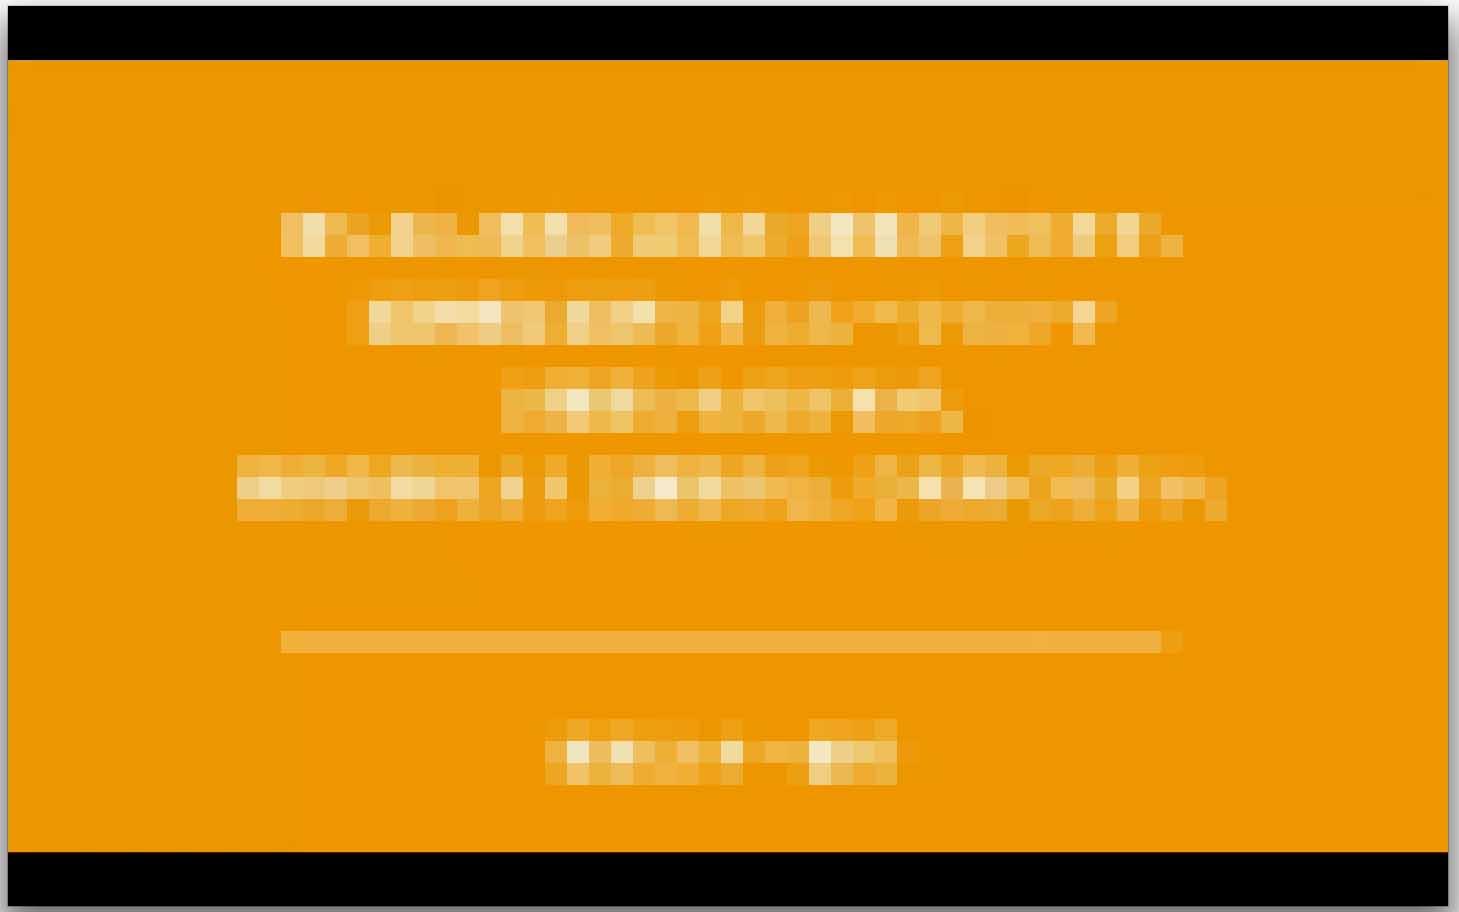 TV SideViewはフルスクリーン表示にも対応。Androidのボタンメニューも非表示にできる